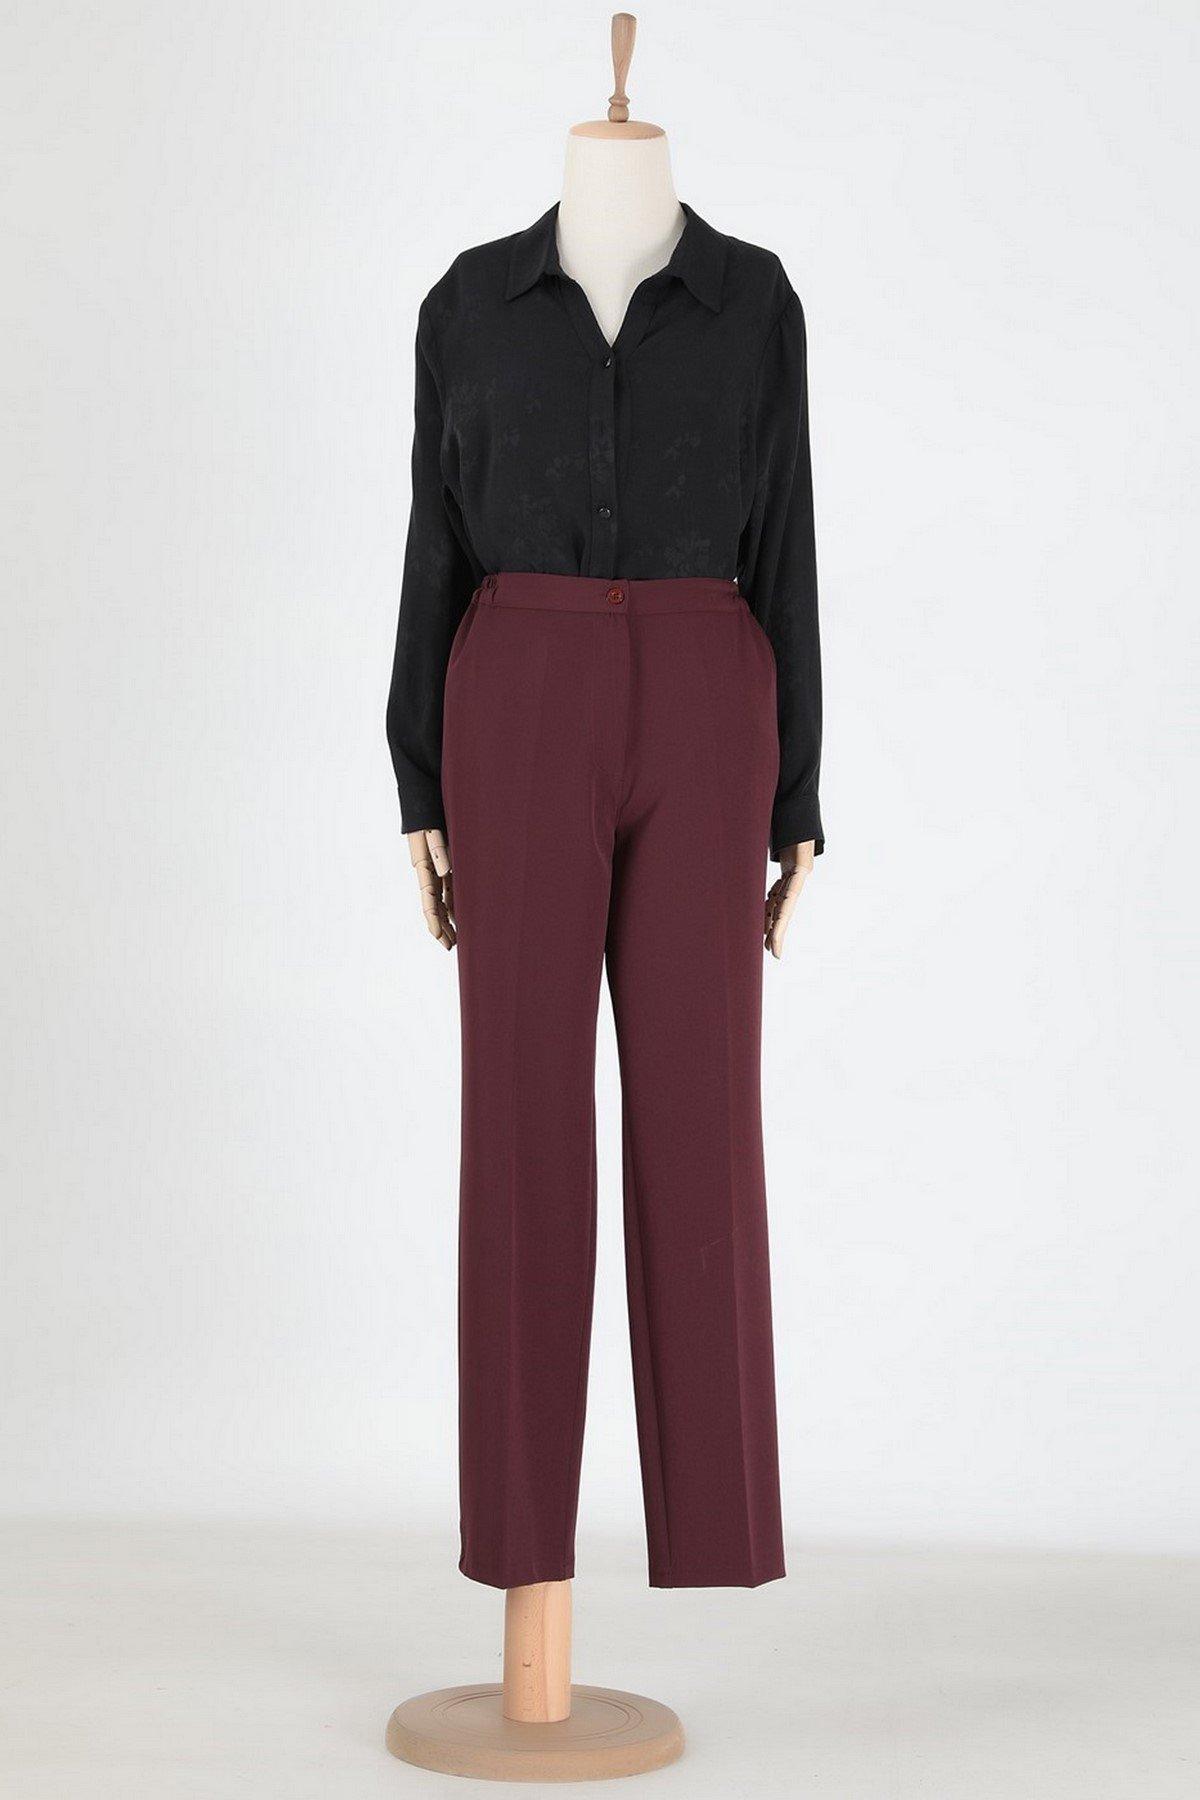 Fa Yüksek Bel Kadın Pantolon